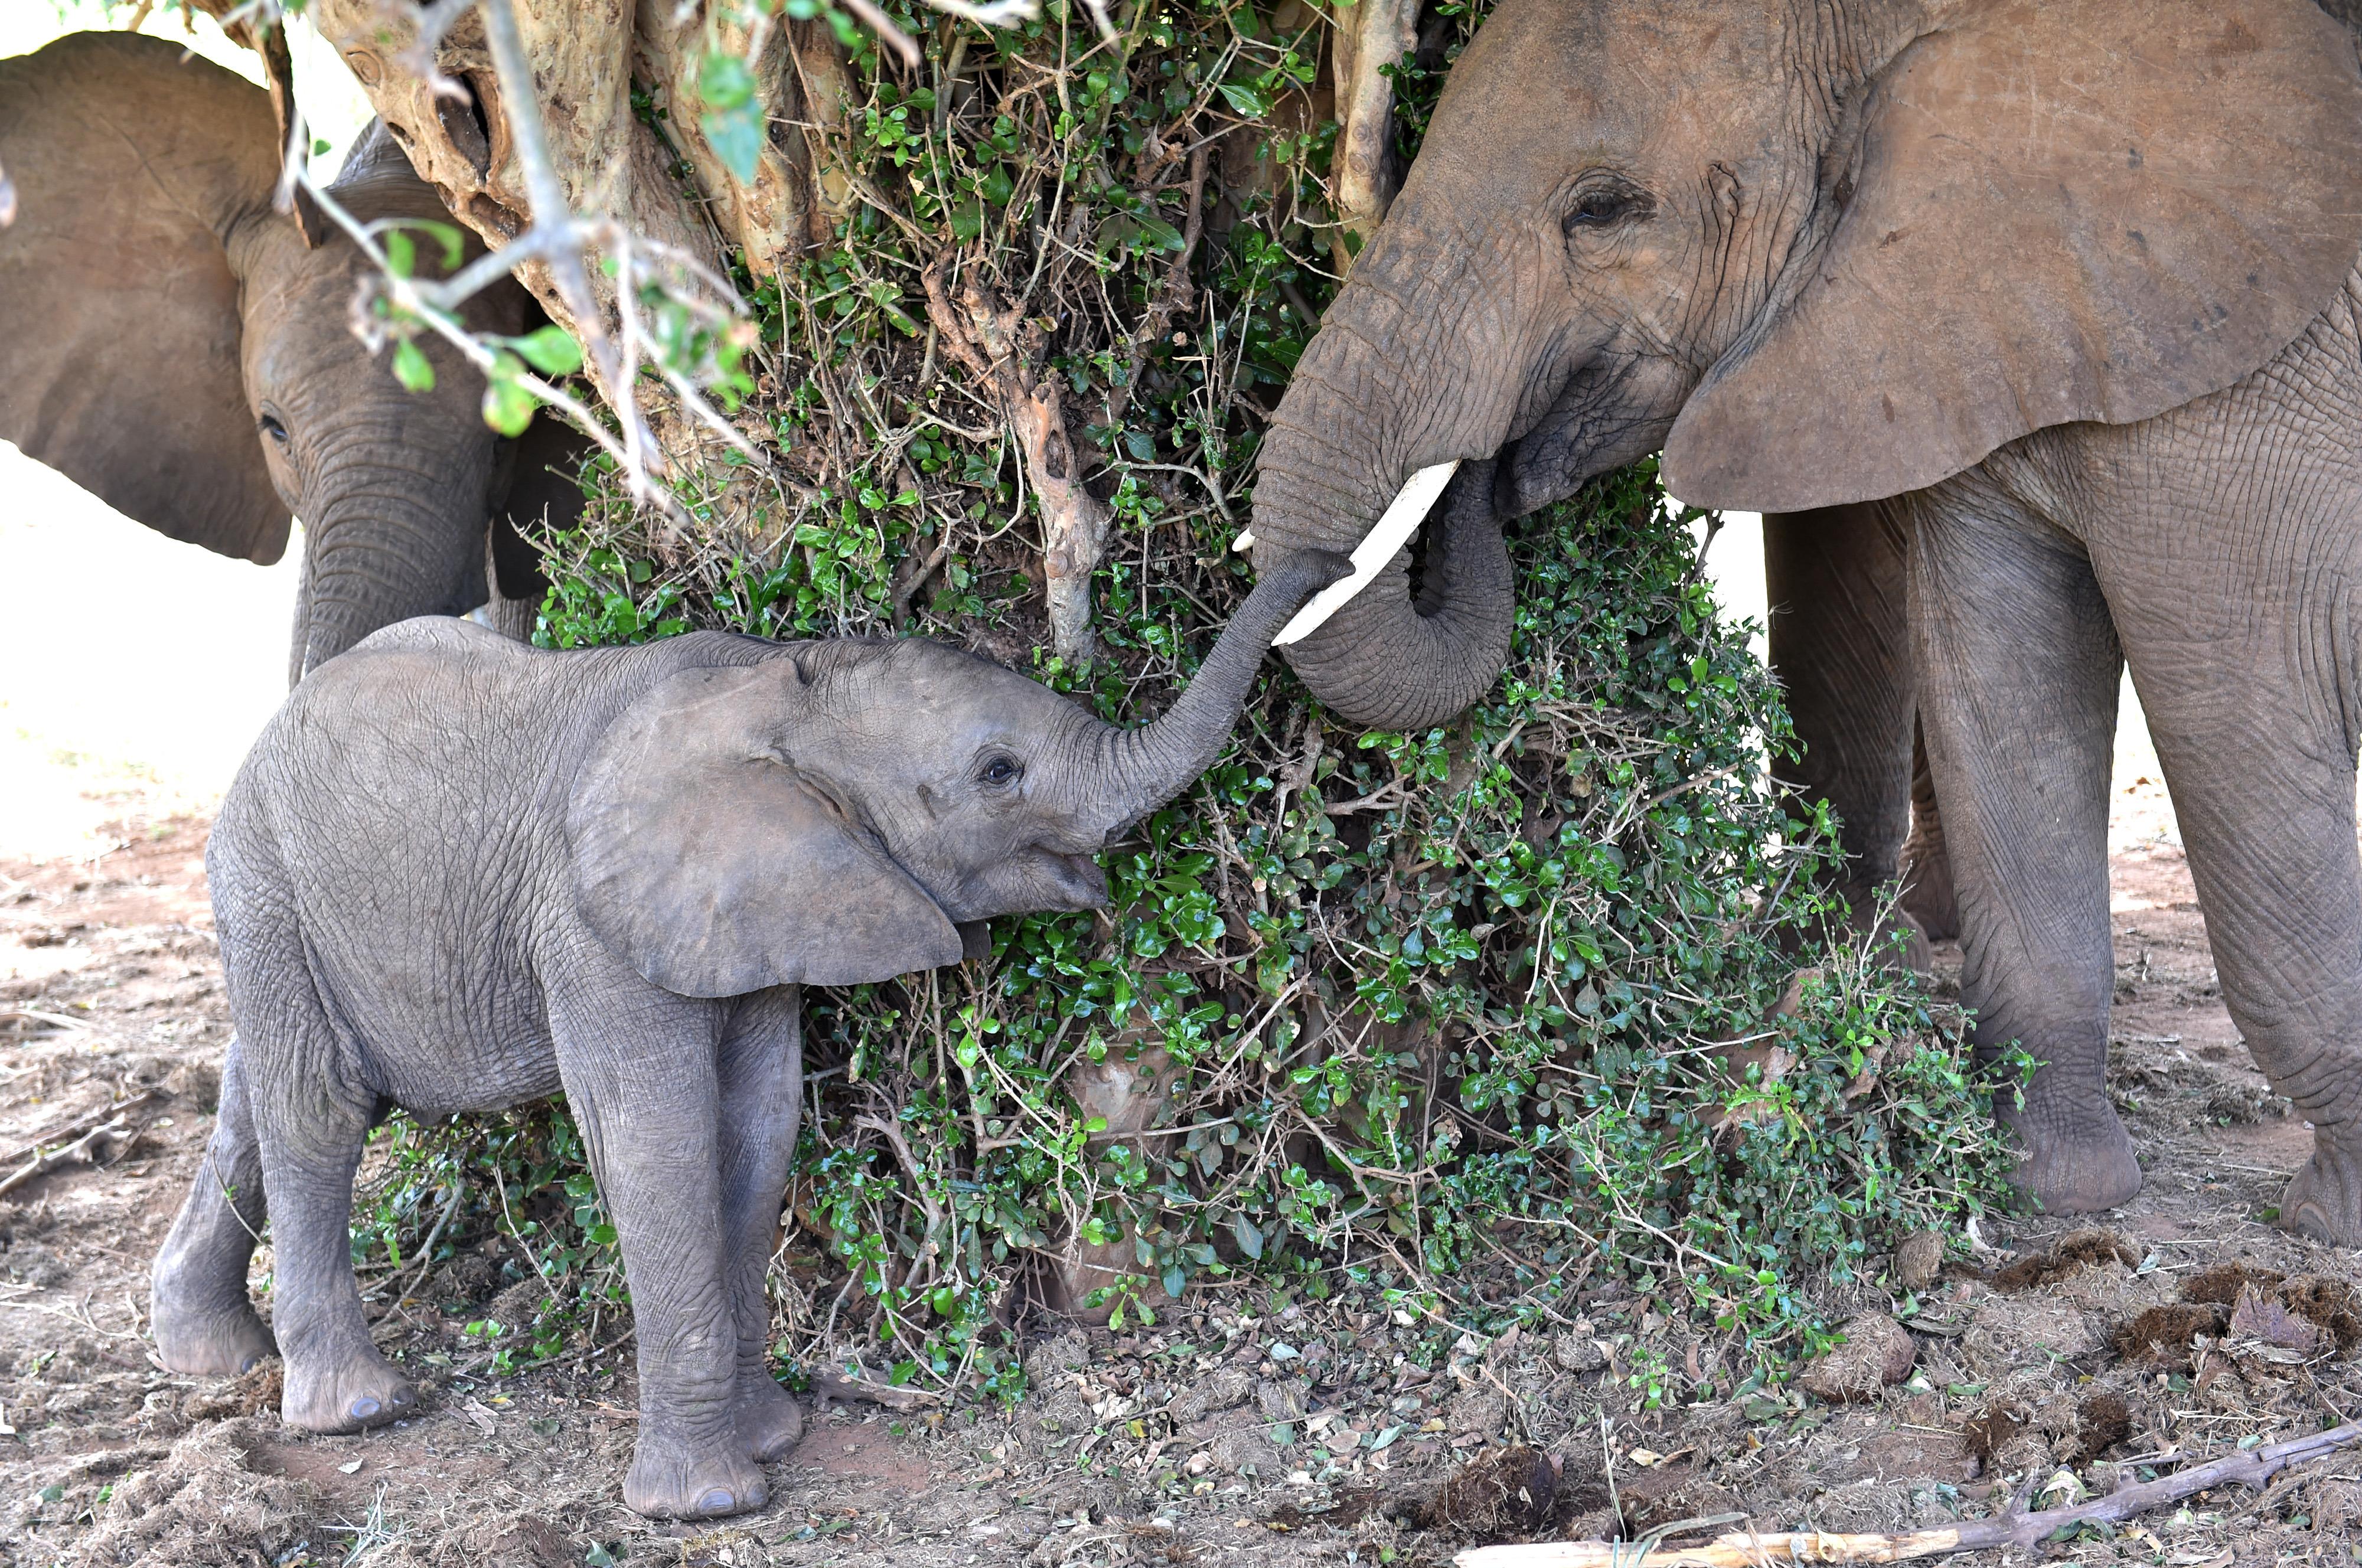 (160927) -- SAMBURU, septiembre 27, 2016 (Xinhua) -- Imagen de archivo del 1 de marzo de 2016 de elefantes descansando bajo la sombra de un árbol en la Reserva Nacional de Samburu, Kenia. La población total de elefantes de Africa ha visto la peor caída en 25 años principalmente debido a la caza furtiva en los últimos 10 años, de acuerdo con el informe del Estado del Elefante africano emitido por la Unión Internacional para la Conservación de la Naturaleza (IUCN) en la 17 reunión de la Conferencia de las Partes en la Convención sobre el Comercio Internacional de Especies Amenazadas de Fauna y Flora Silvestre (CITES) del domingo en Johannesburgo. A partir de estimaciones, se piensa que la disminución real en los últimos diez años es cercana a 111,000. El total continental se piensa que ahora es de aproximadamente 415,000 elefantes, aunque puede haber un adicional de 117,000 a 135,000 elefantes en áreas no estudiadas sistemáticamente. (Xinhua/Sun Ruibo) (jg) (ah)